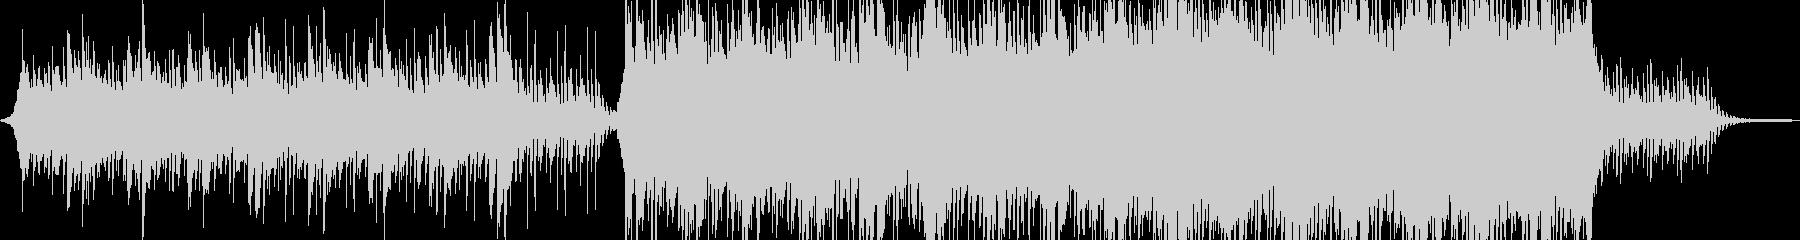 壮大なイメージのコーポレート向けBGMの未再生の波形